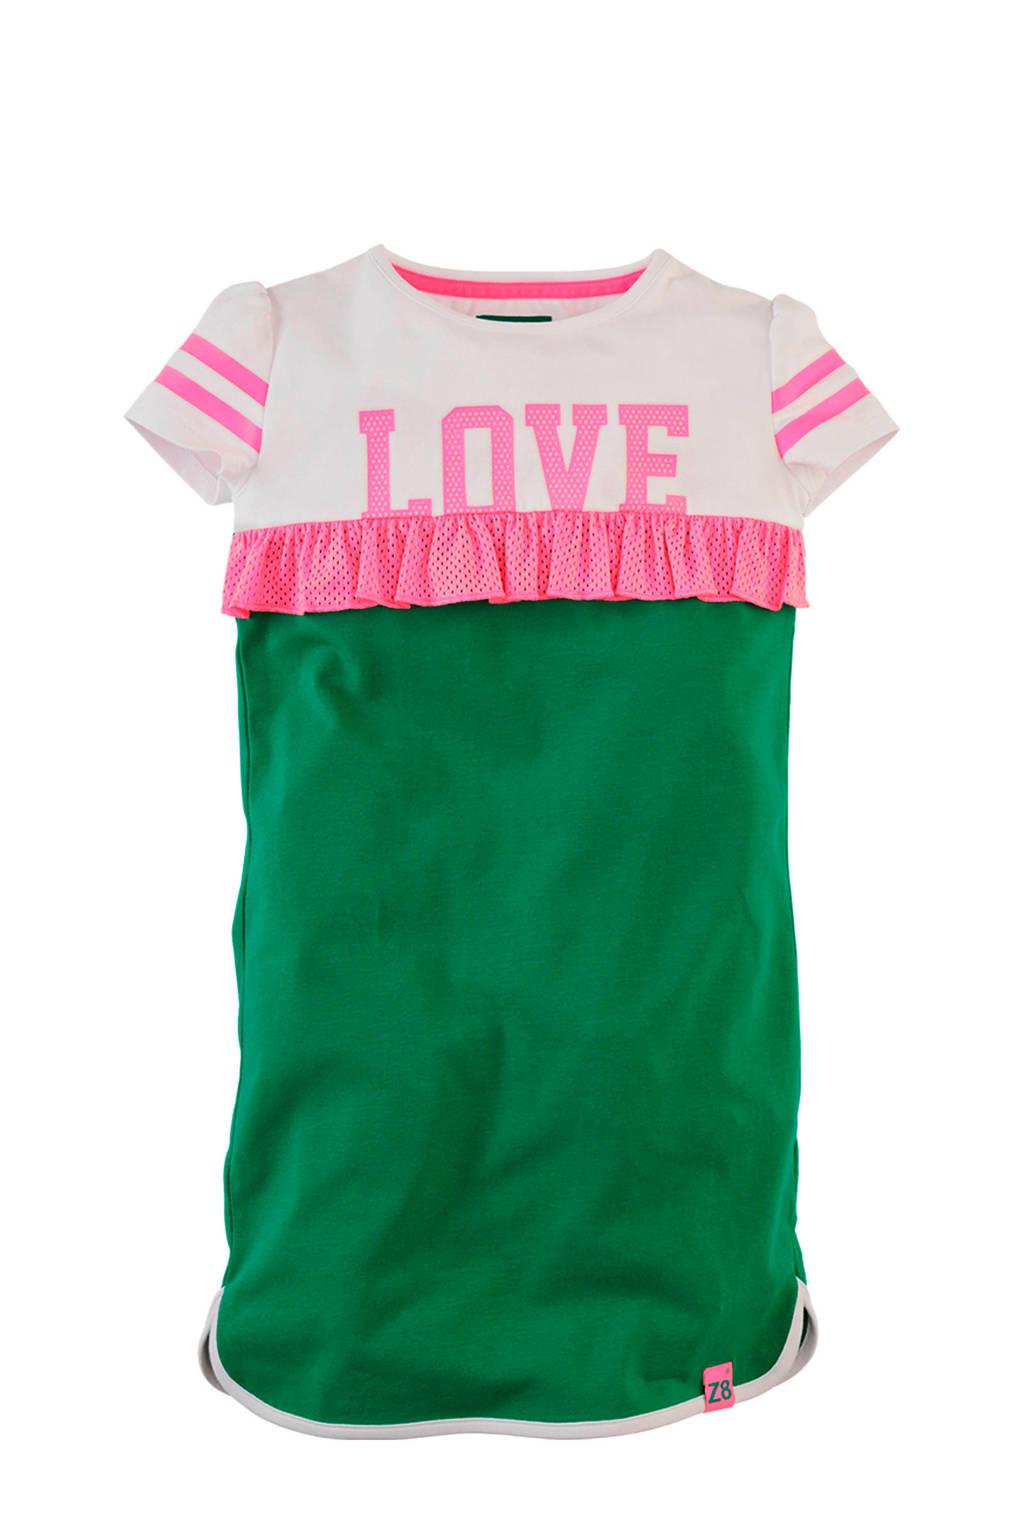 Z8 jersey jurk Tiffany met tekstopdruk en ruches groen/wit/roze, Groen/wit/roze